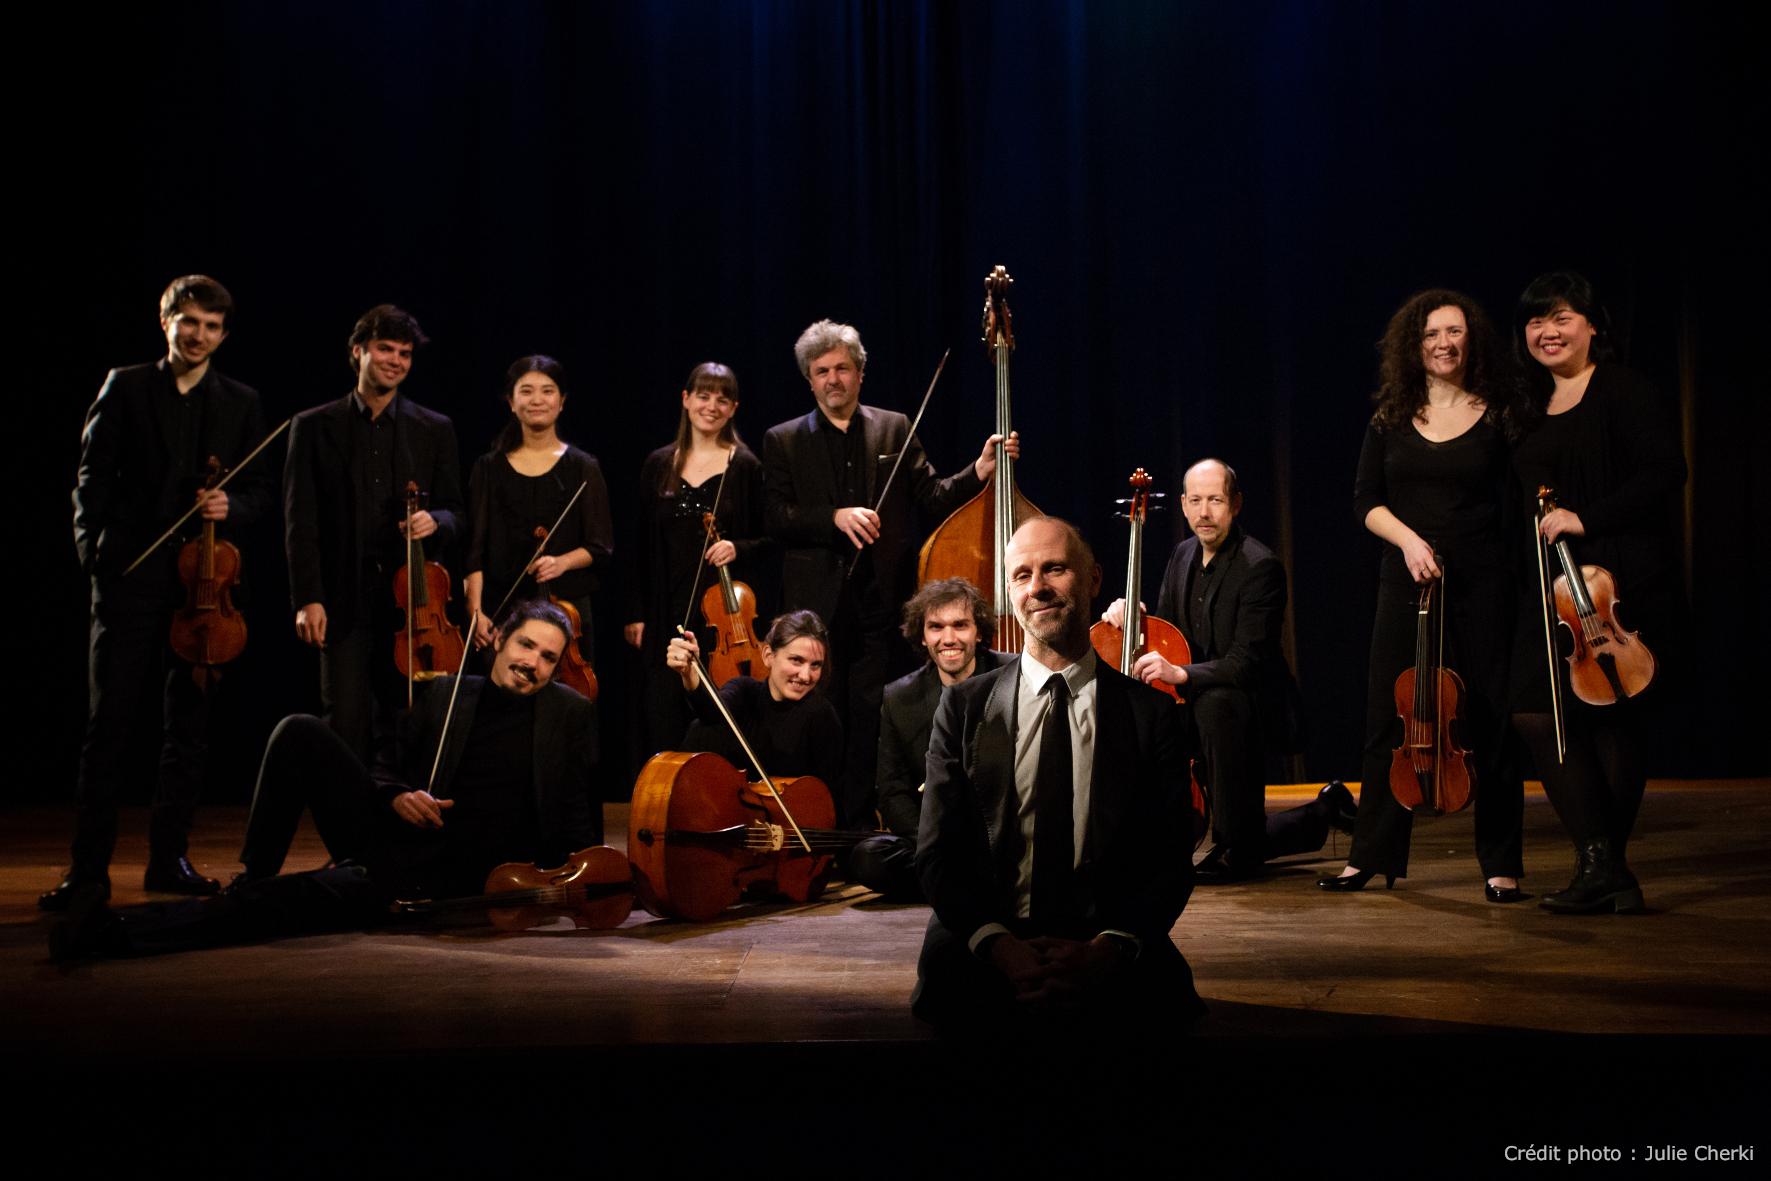 Le Concert de l'Hostel Dieu - Crédit Jean Combier